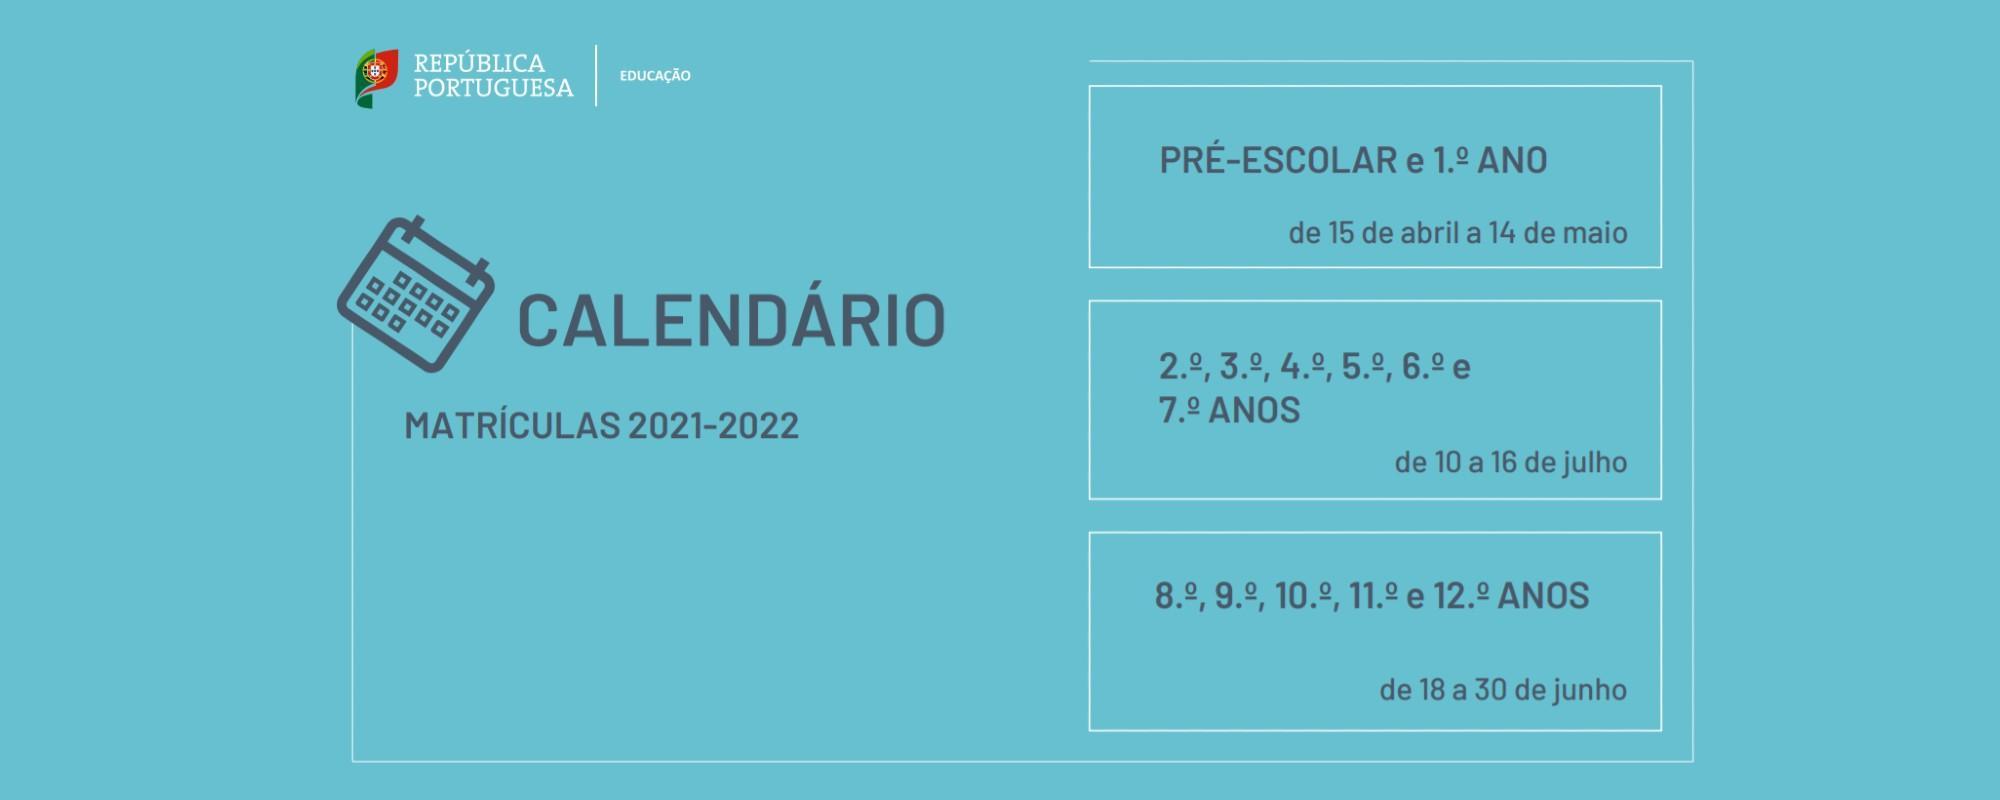 Calendário matrículas 2021/2022